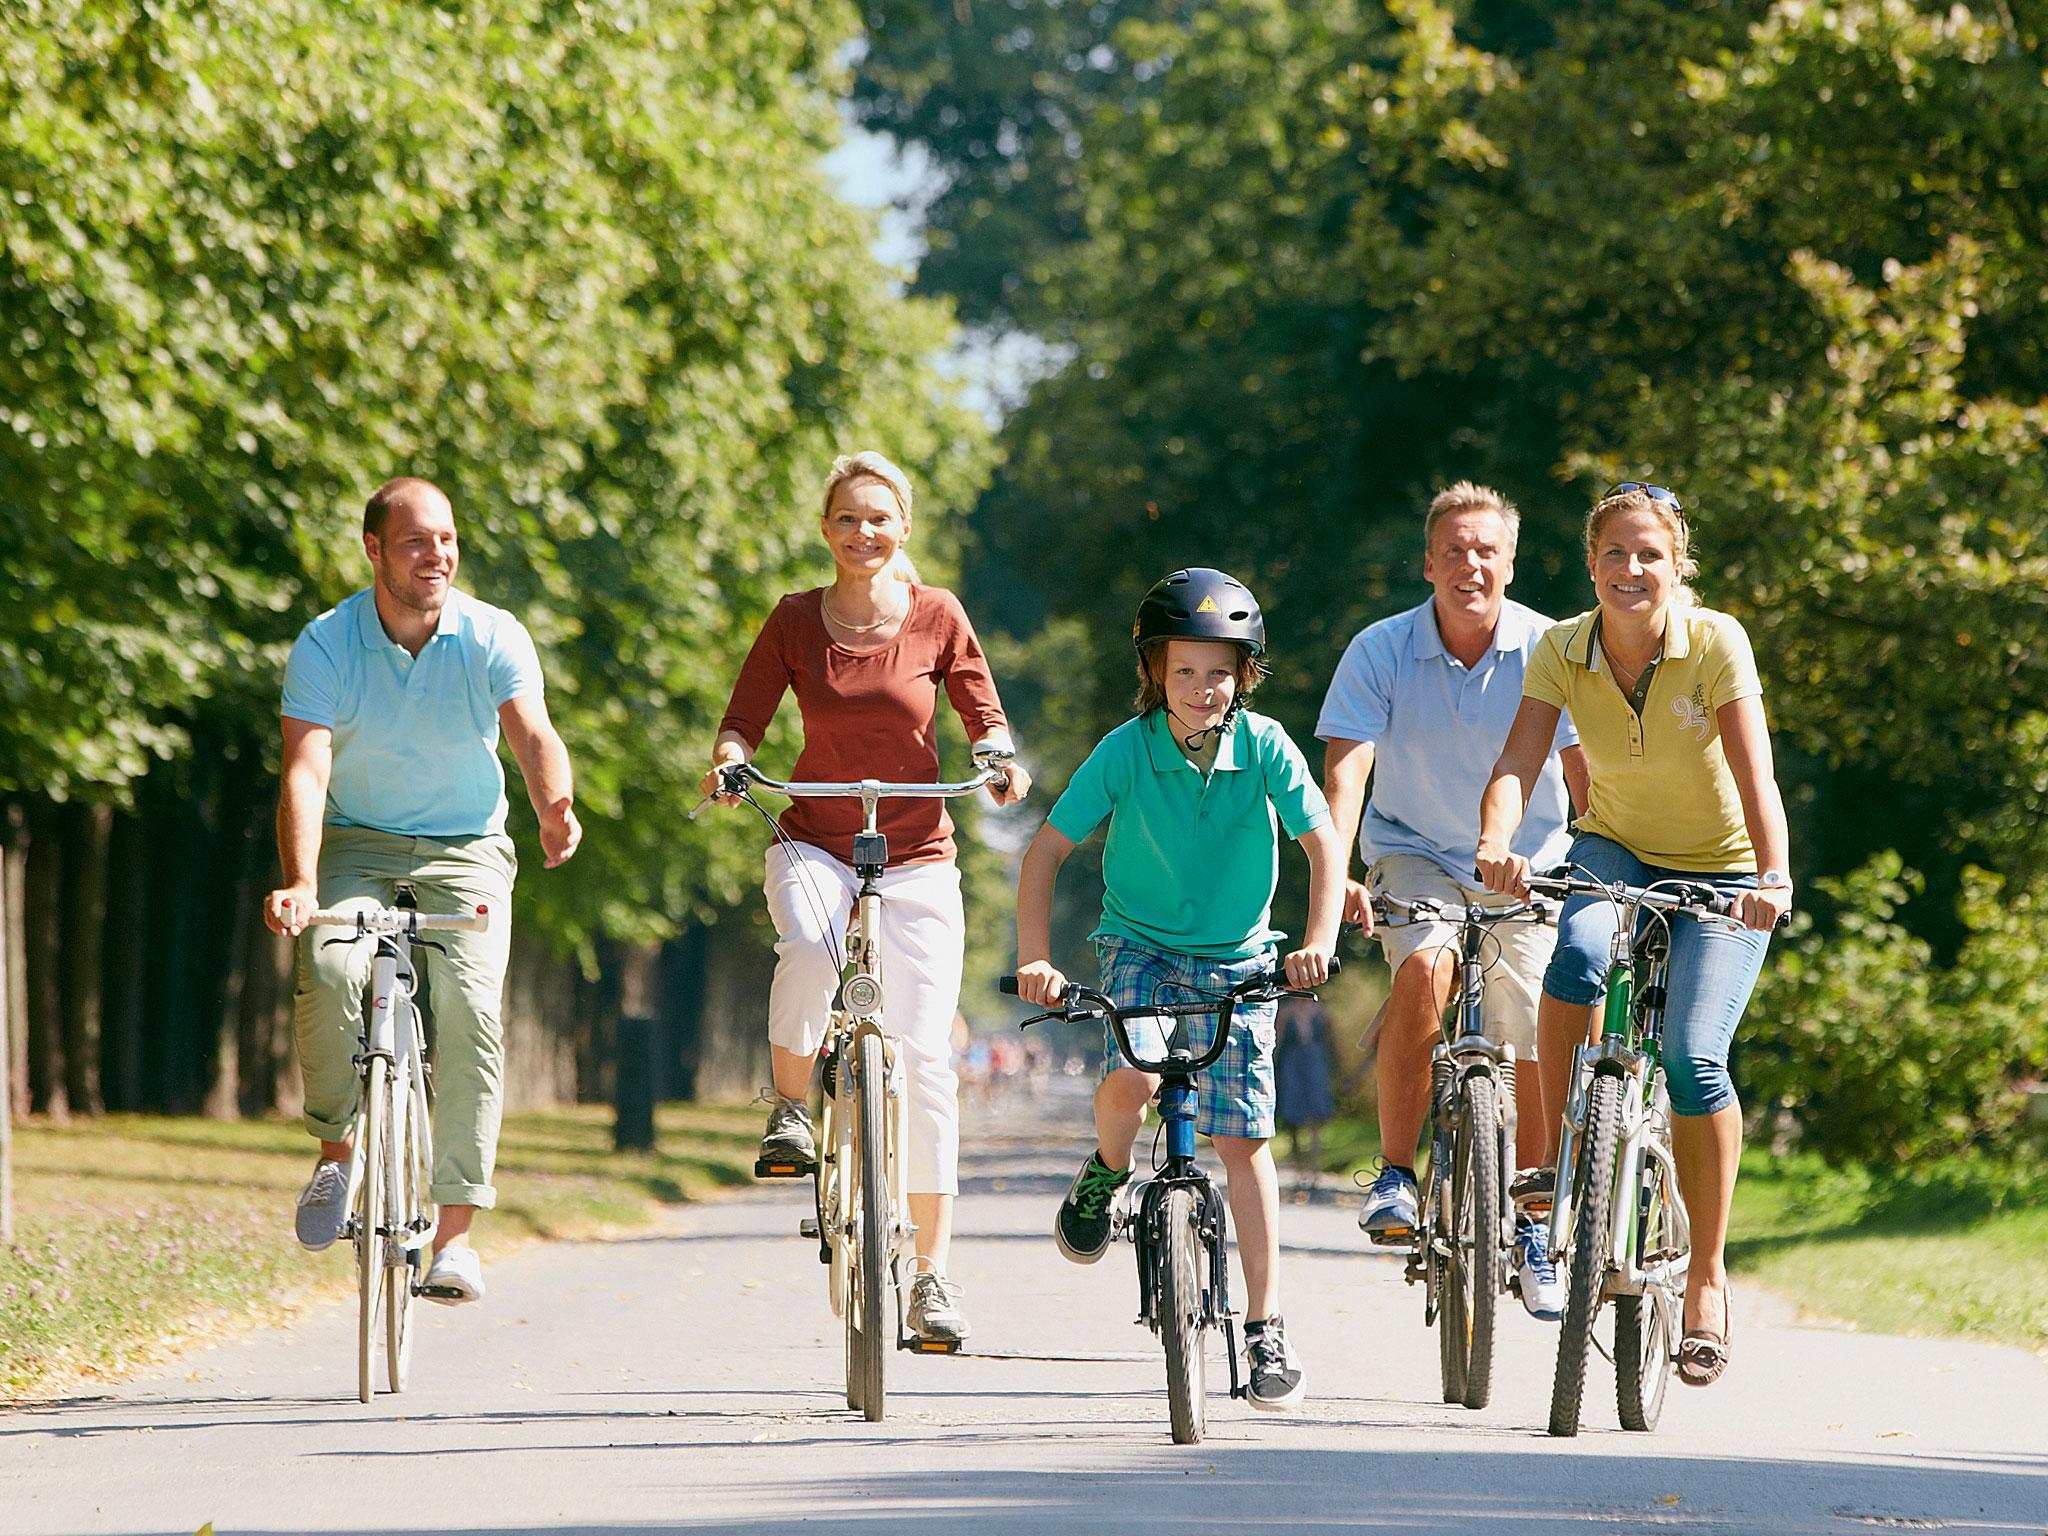 Menschen beim Fahrrad fahren